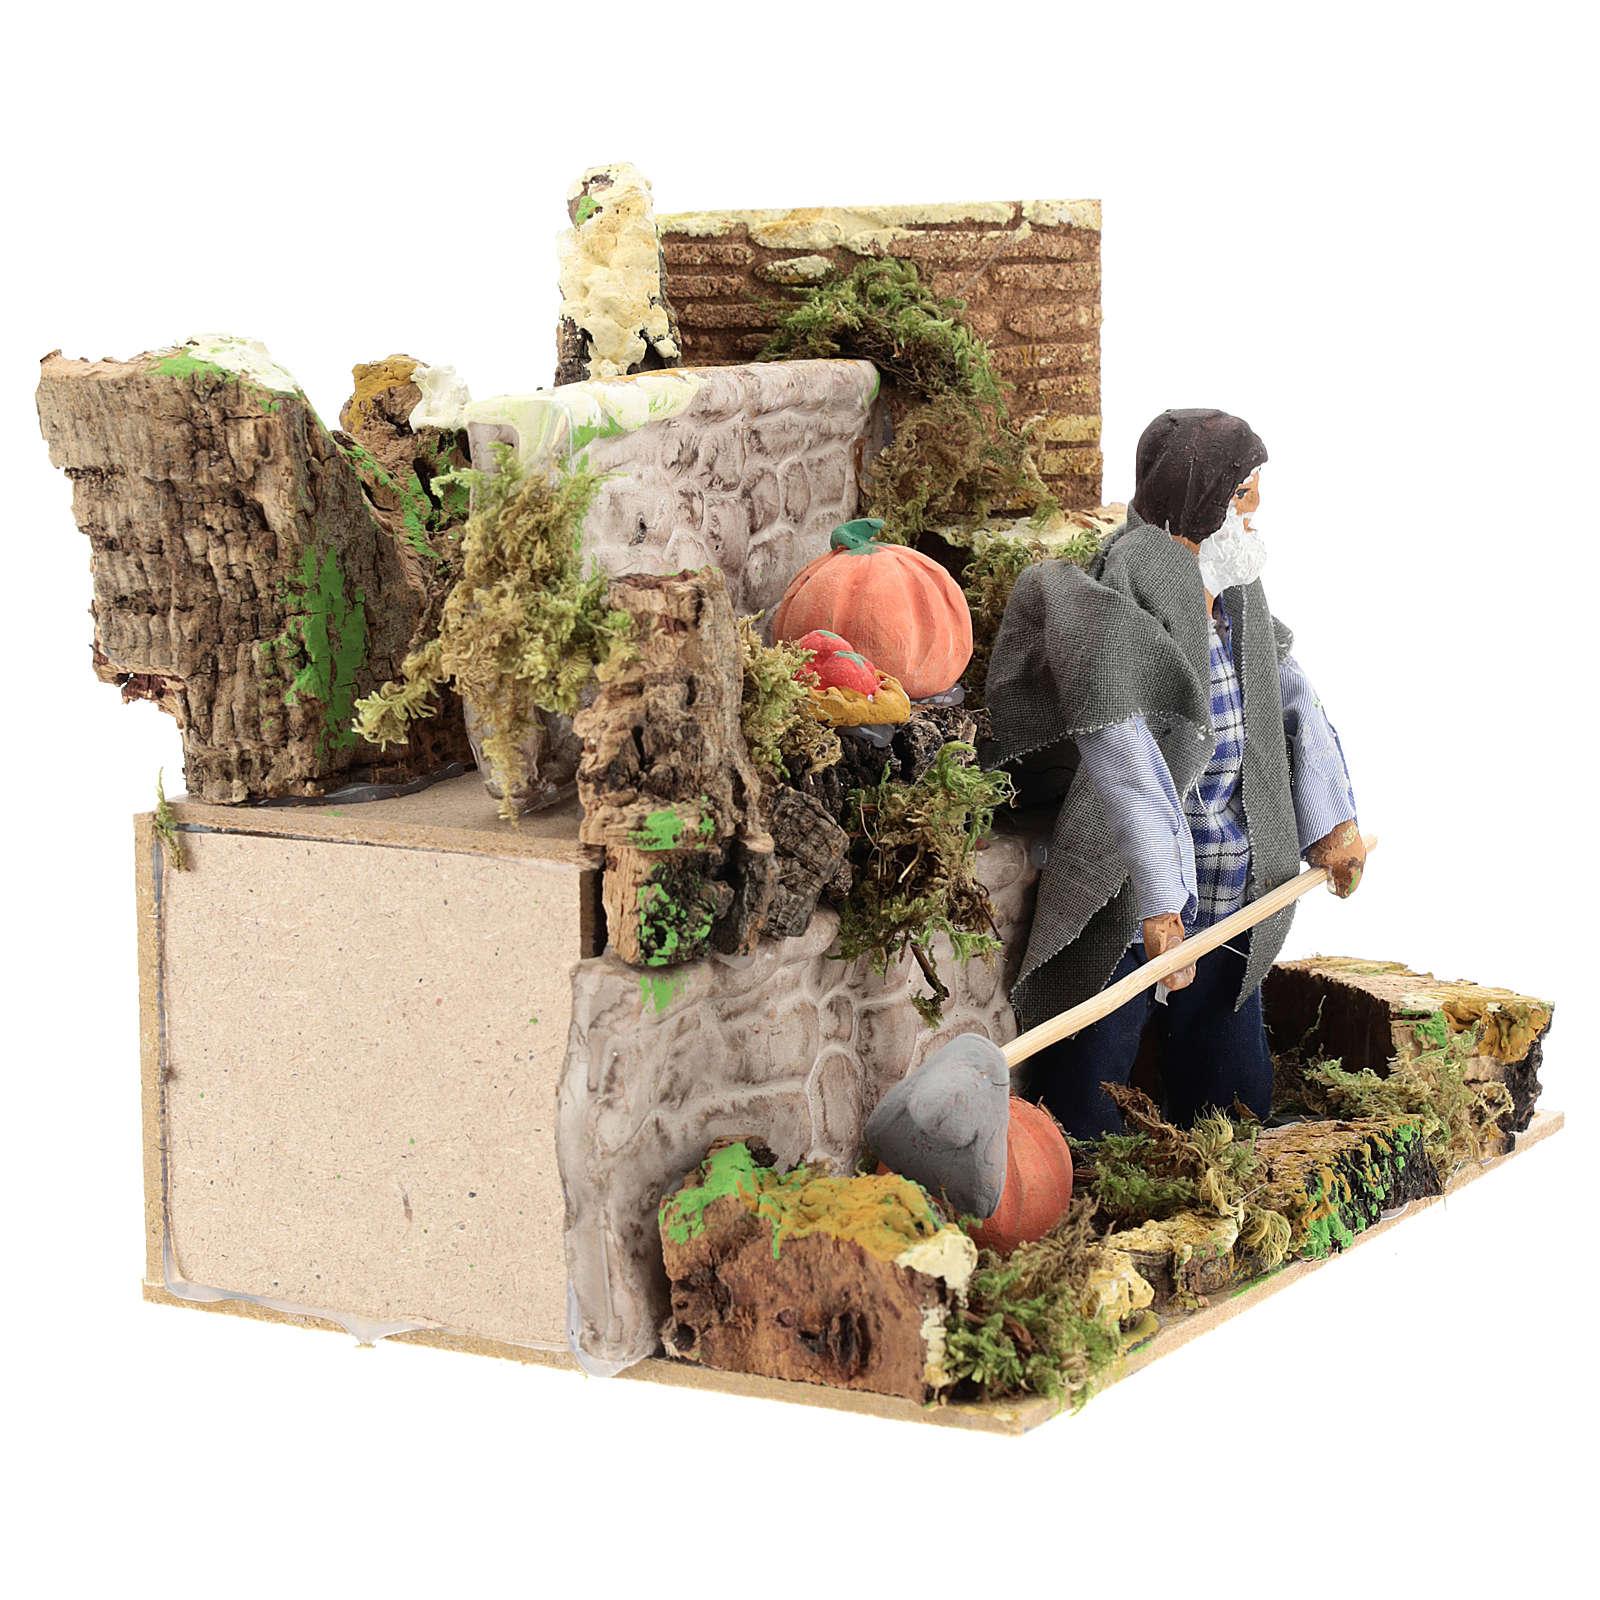 Agriculteur 12 cm avec mouvement terre cuite 3